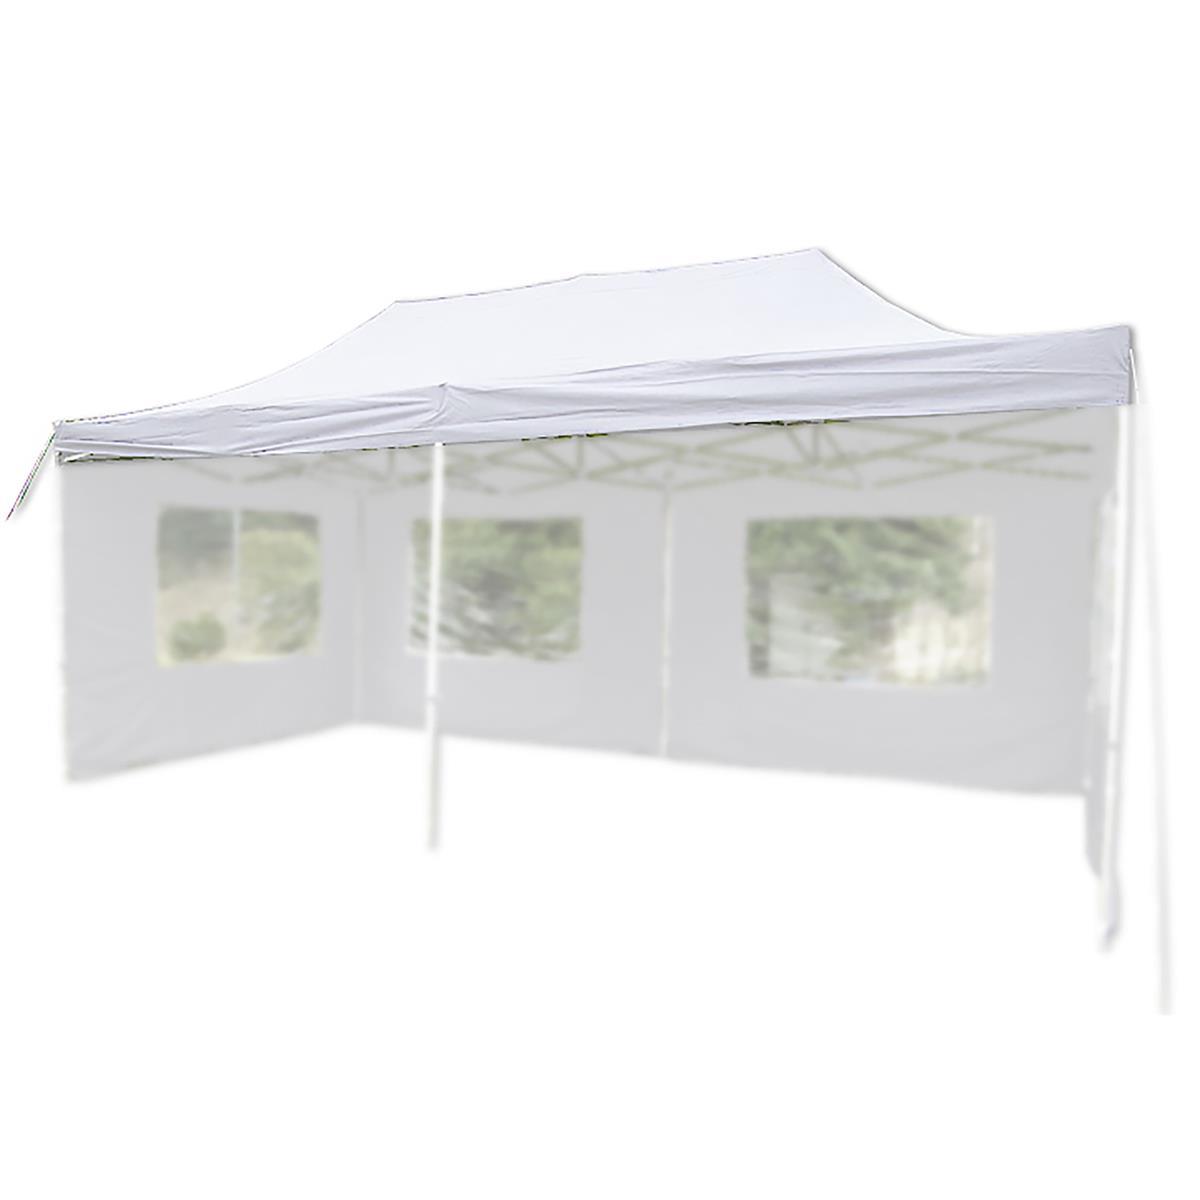 Ersatzdach für PROFI Falt Pavillon 3x6m weiß wasserdicht Dachplane Pavillondach